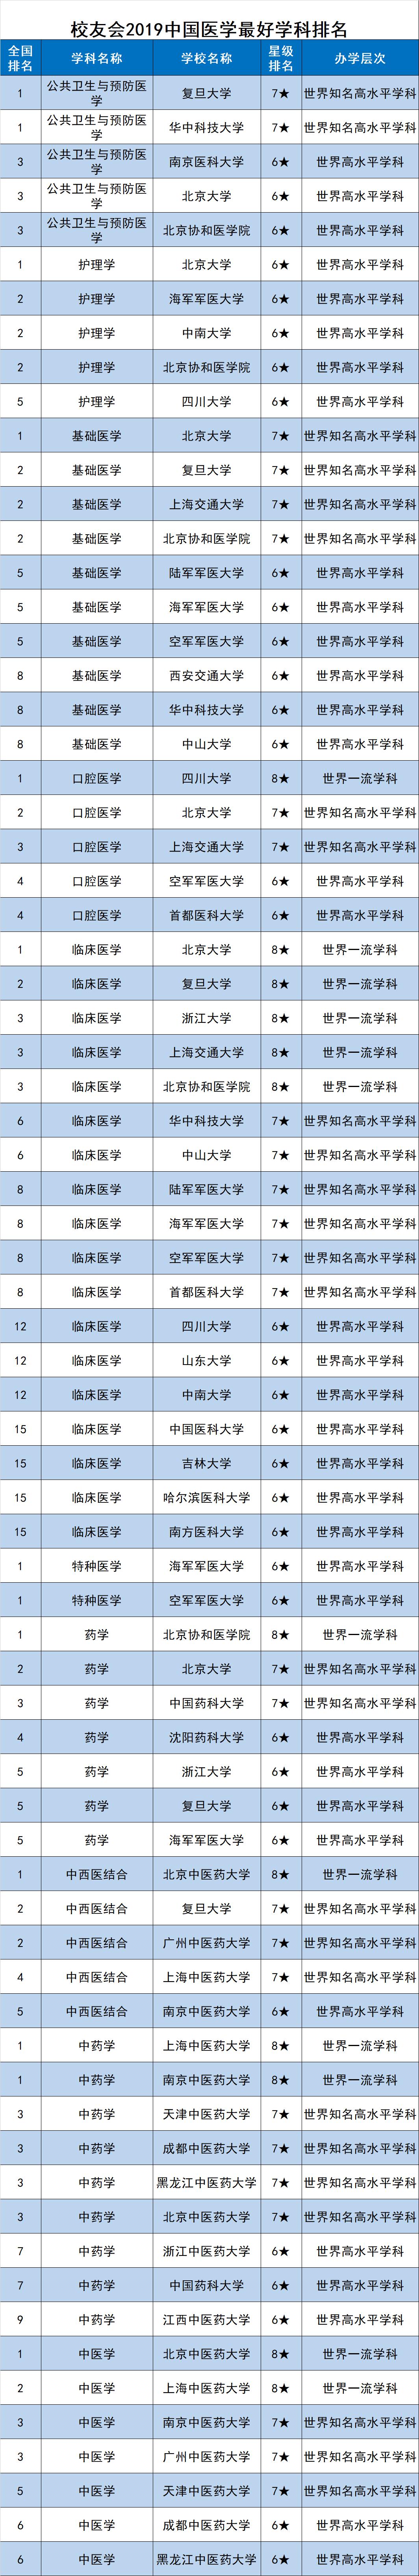 校友會2019中國最好學科排名發布,浙江大學第三